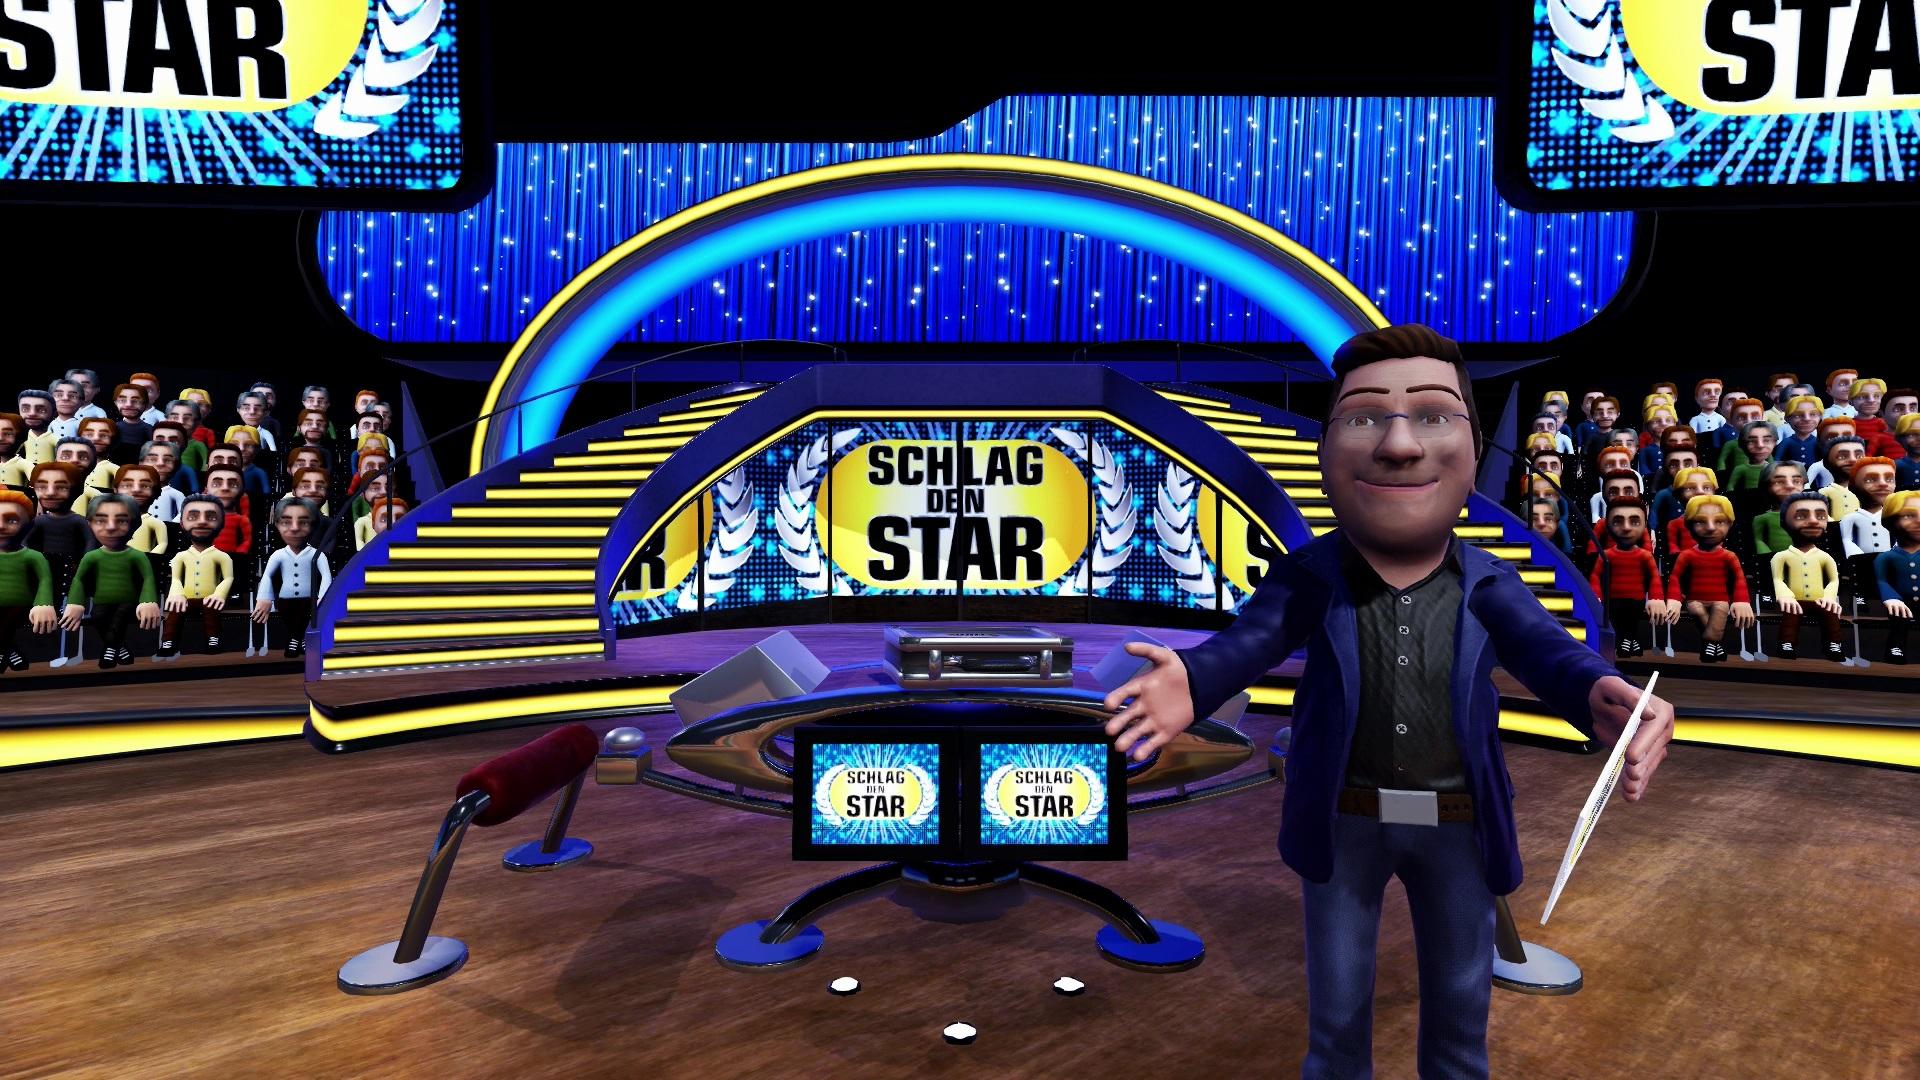 Spiel Star